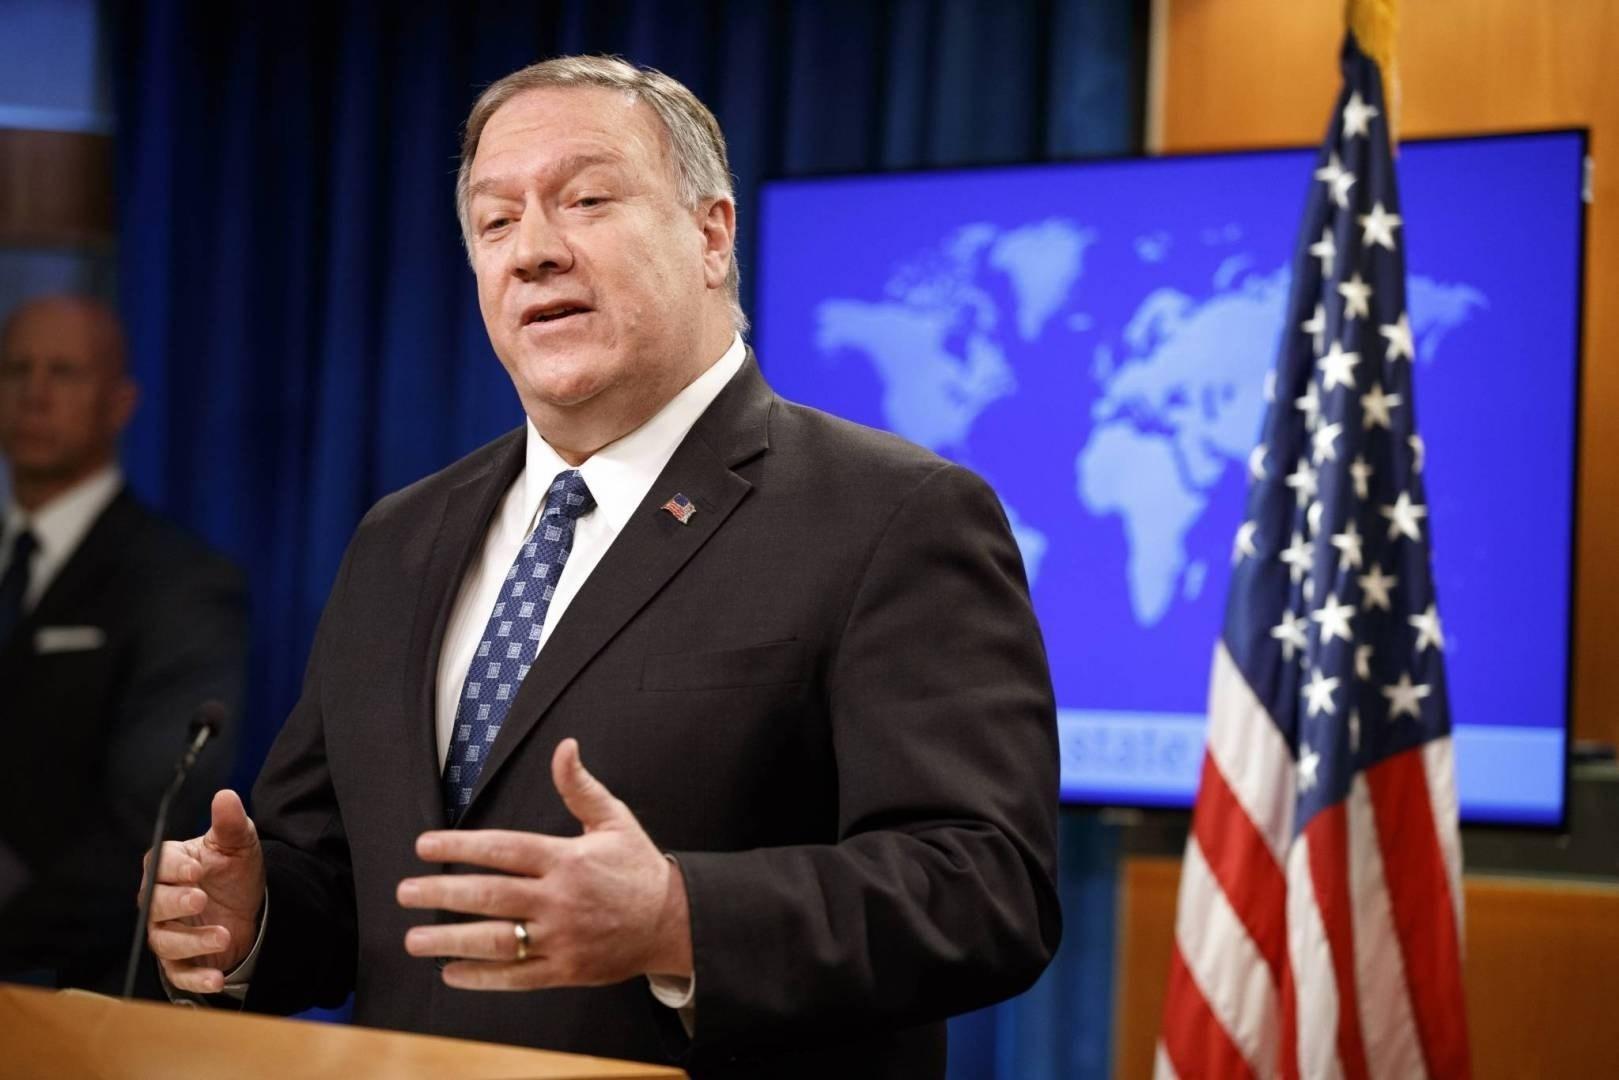 بومبيو: إذا رفع حظر الأسلحة عن إيران فإنها ستستورد طائرات روسية سريعة وتطور أجهزتها البحرية